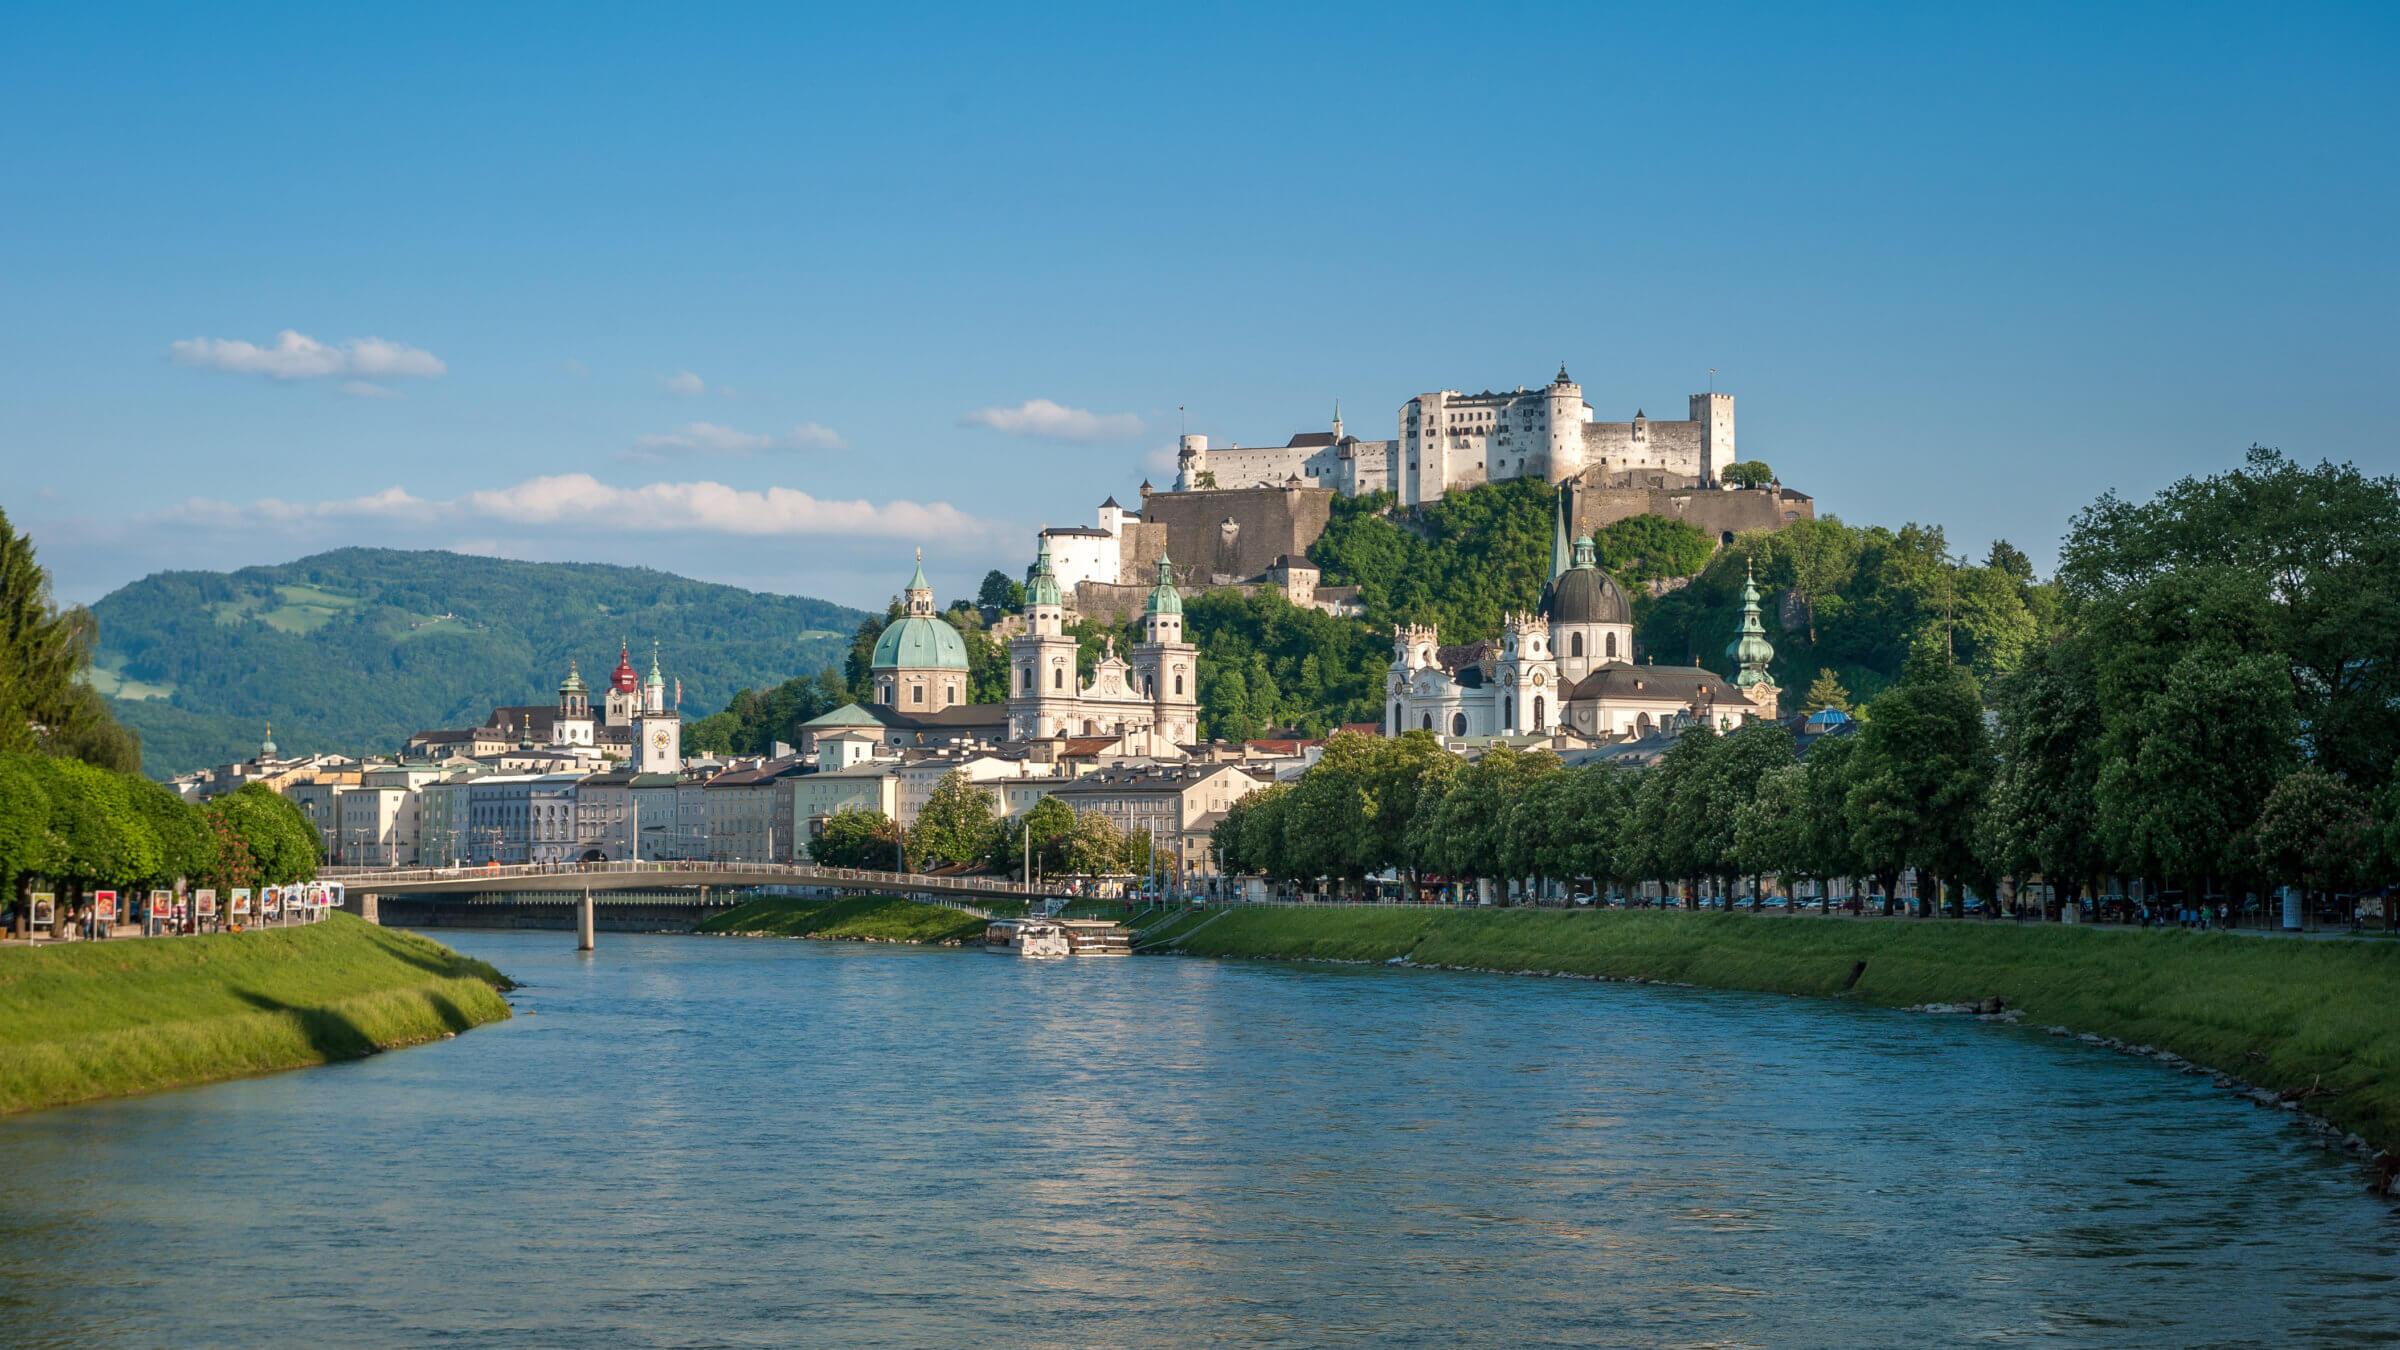 Blick vom Müllnersteg auf die Salzburger Altstadt, Stadt Salzburg, Ausflug von Pflegerbrücke Salzburg, Grödig, Urlaub